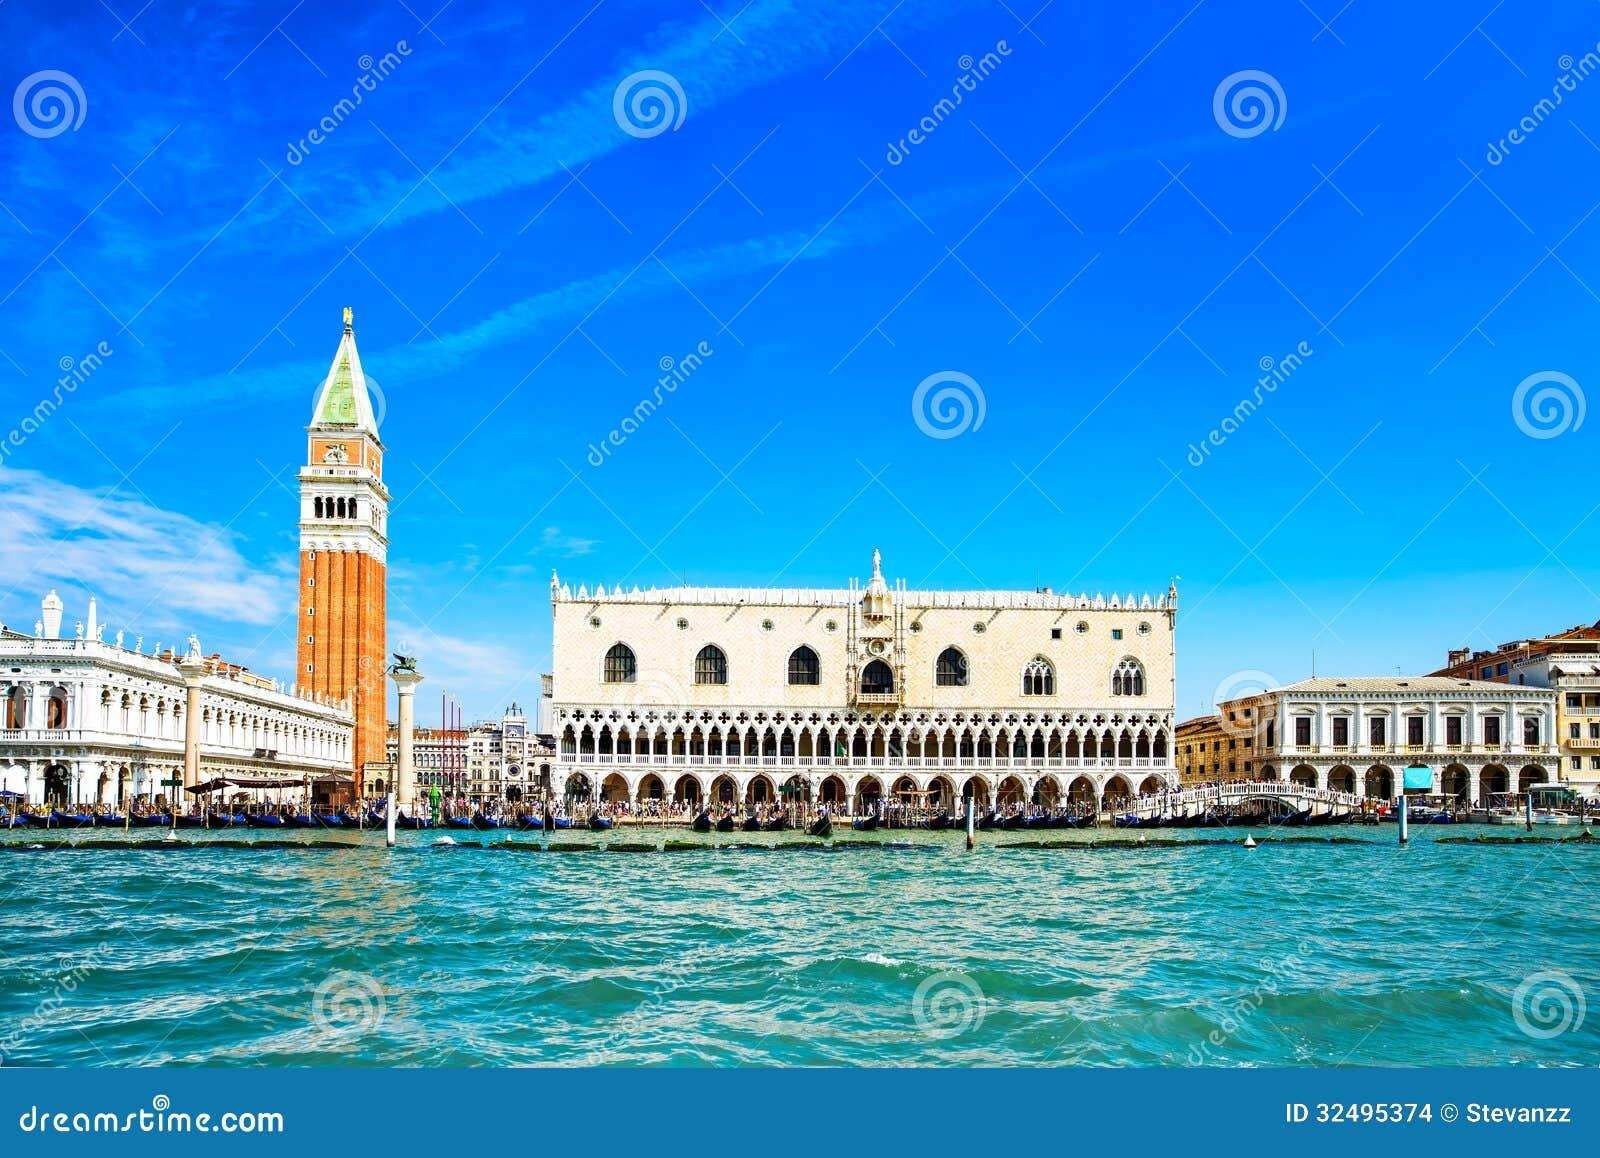 Venedig gränsmärke, piazza San Marco med campanilen och dogeslott. Italien